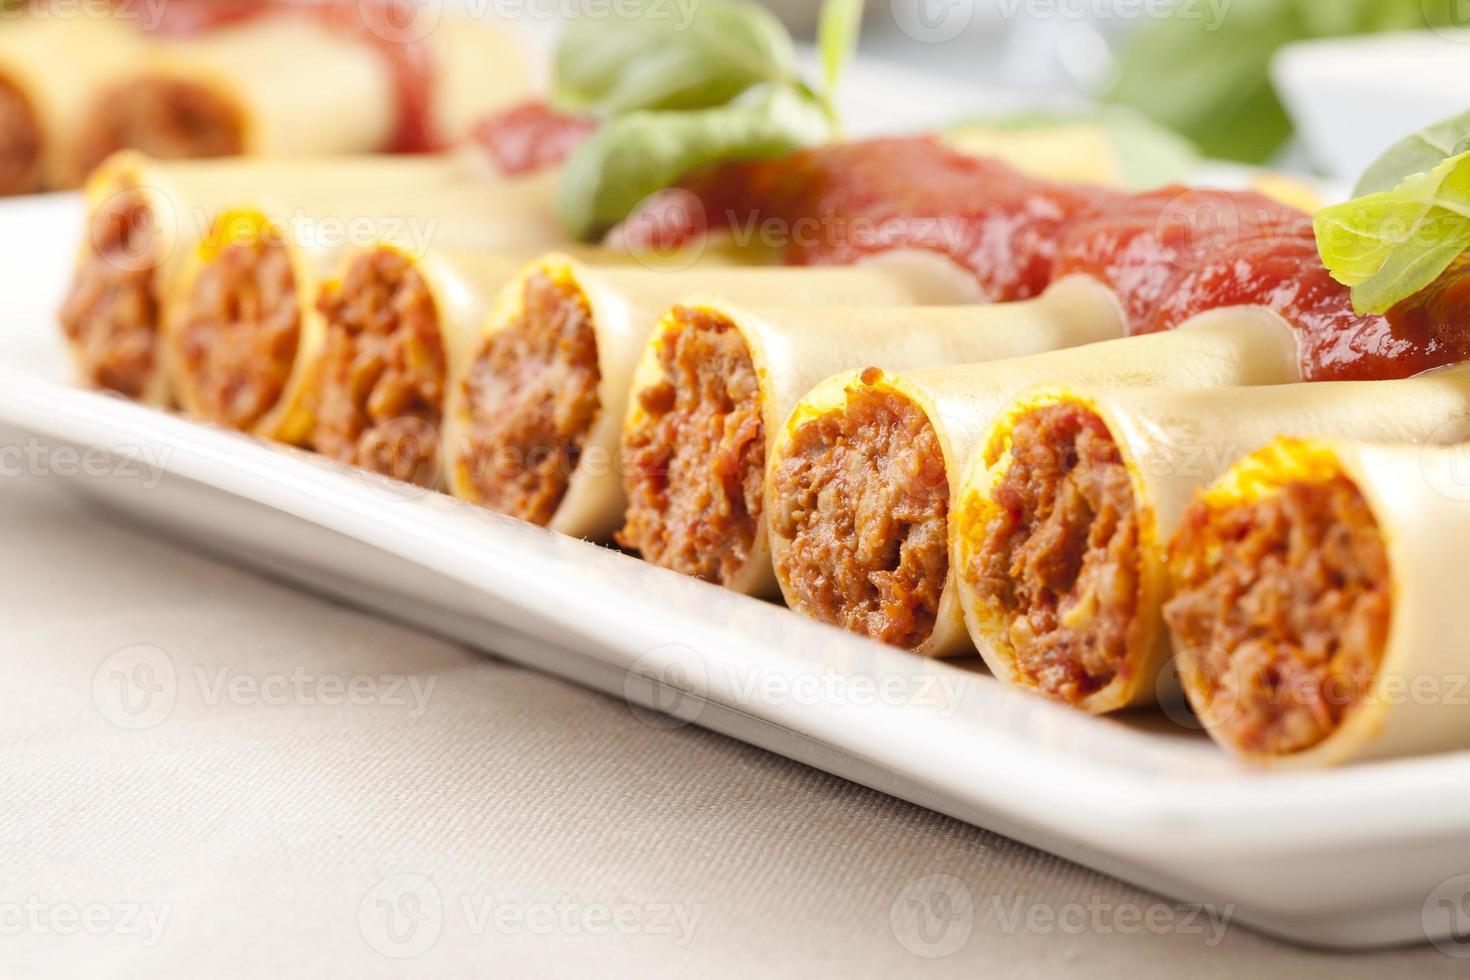 cannelloni op plaat foto